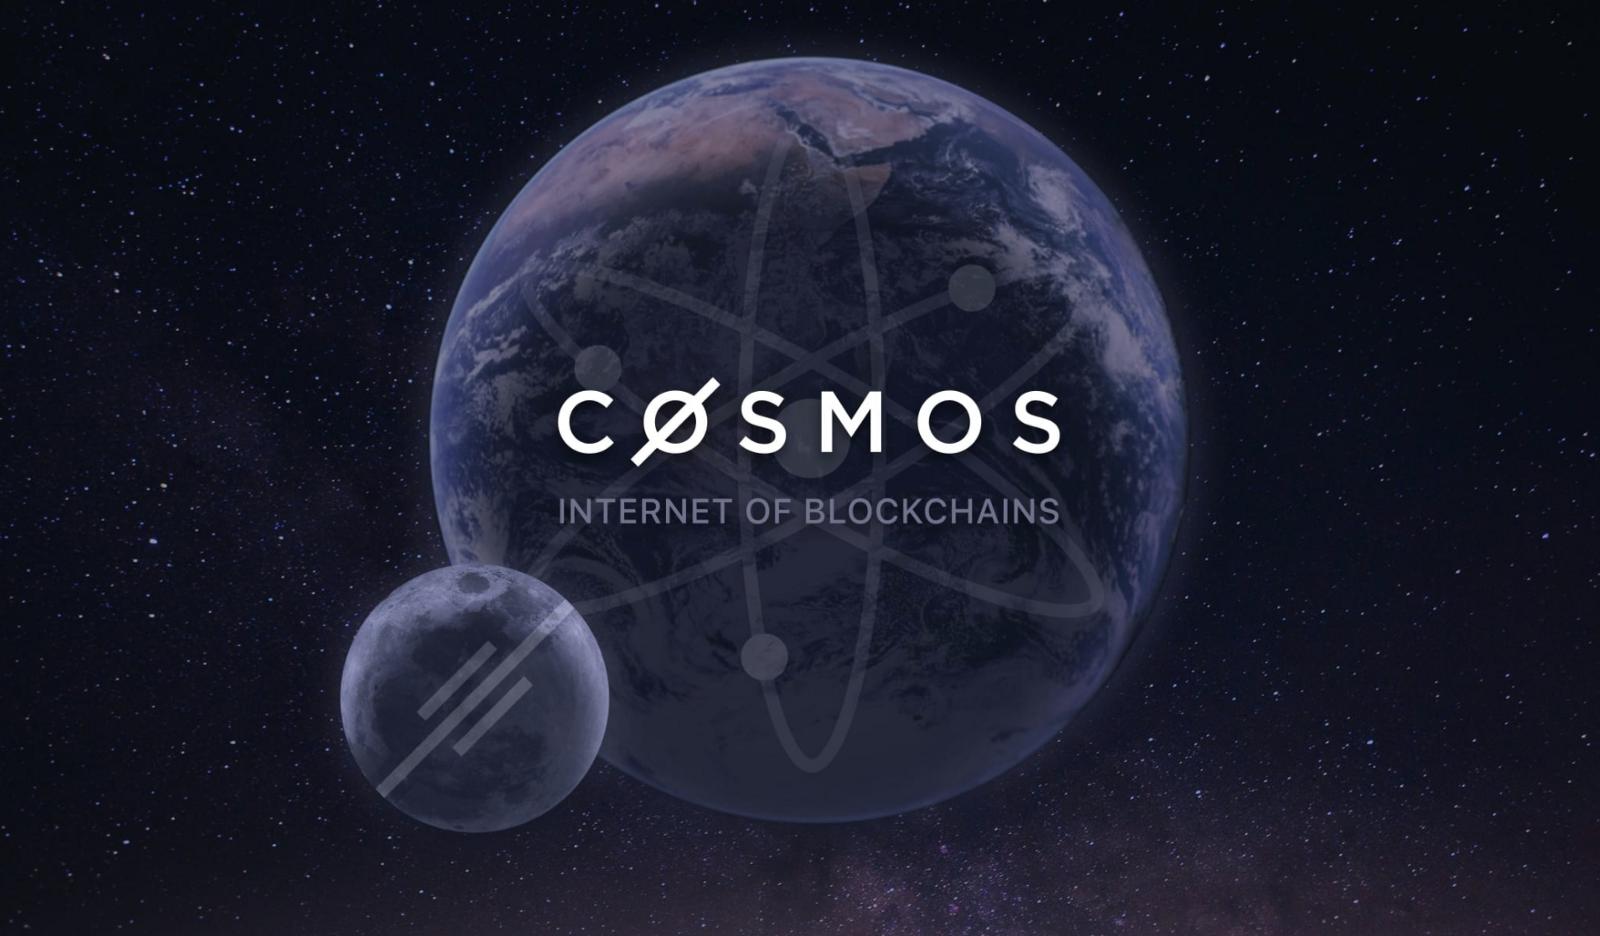 cosmos(コスモス) メインネット ローンチ